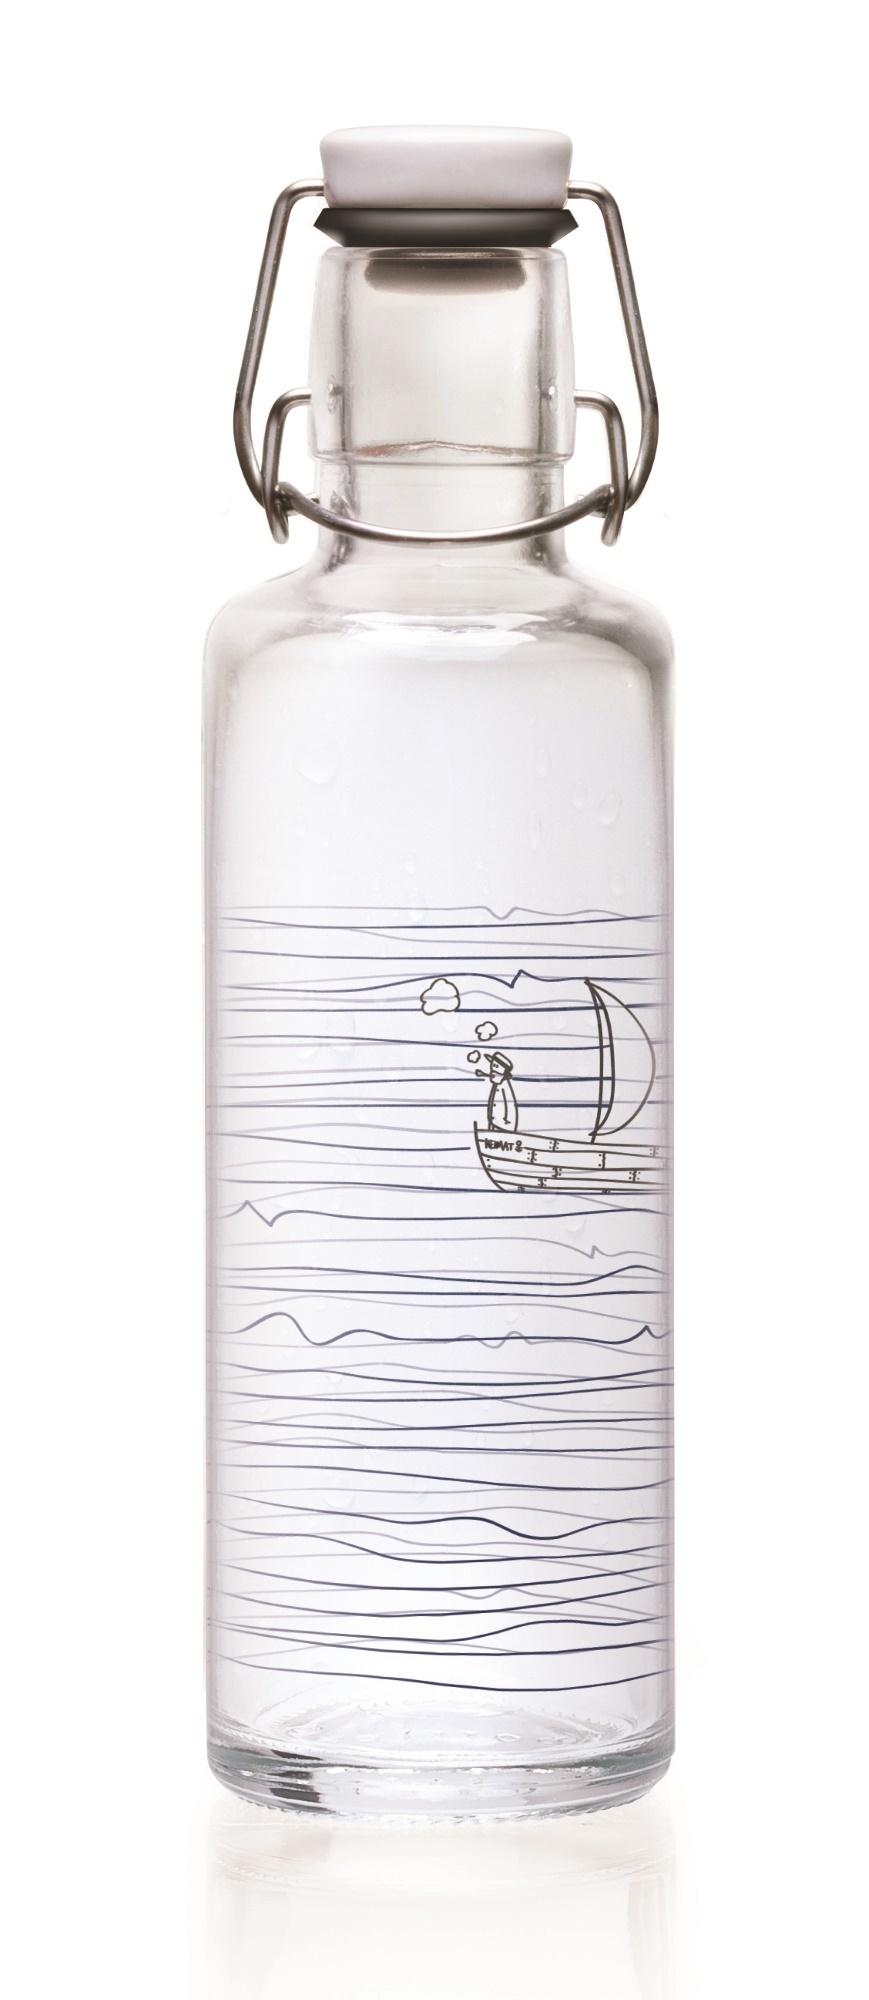 Soulbottle Trinkflasche verschiedene Motive Soulbottles-Jellyfish in the Bottle